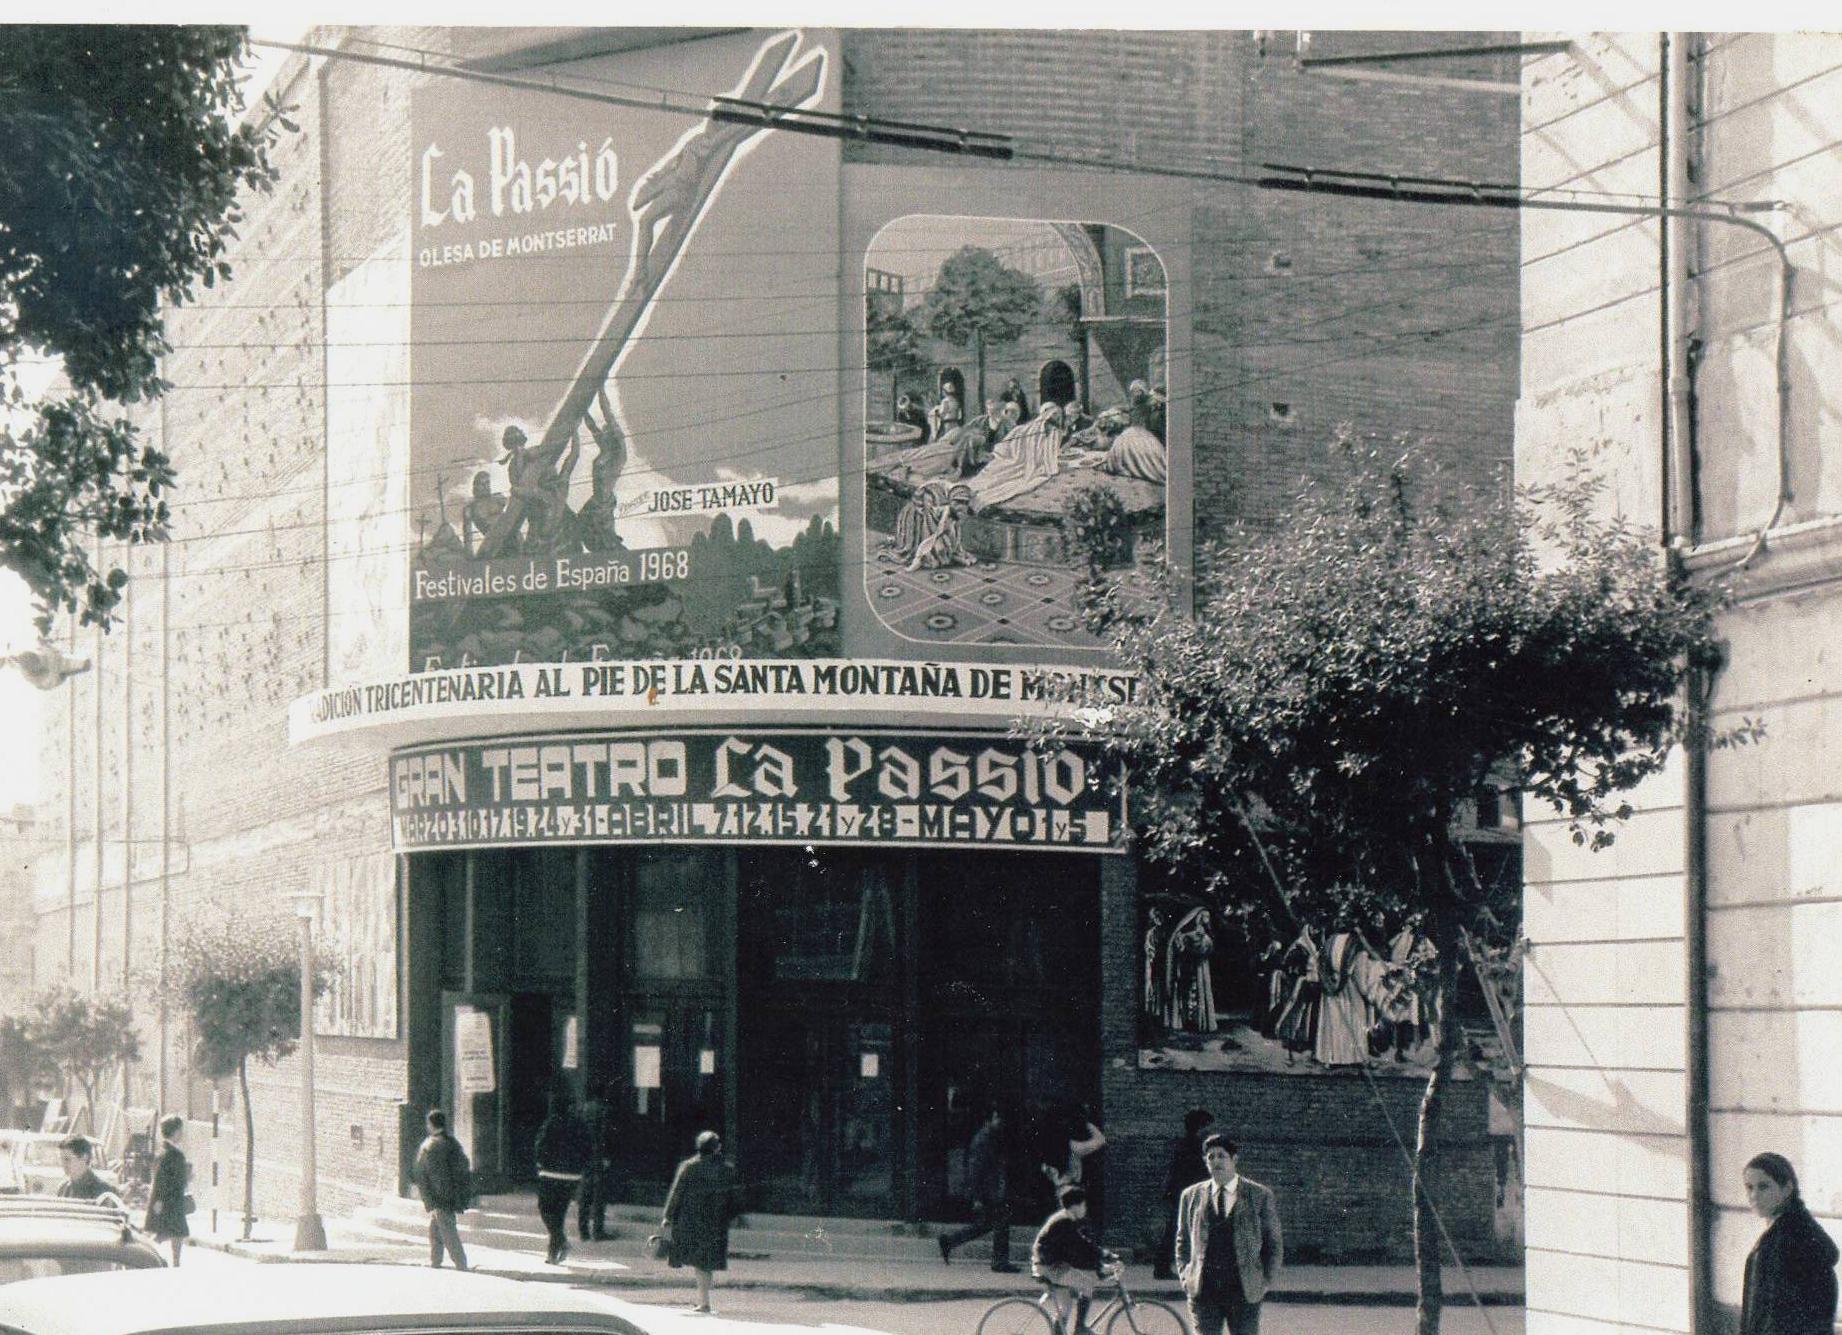 Gran Teatre de La Passió Olesa el 1968